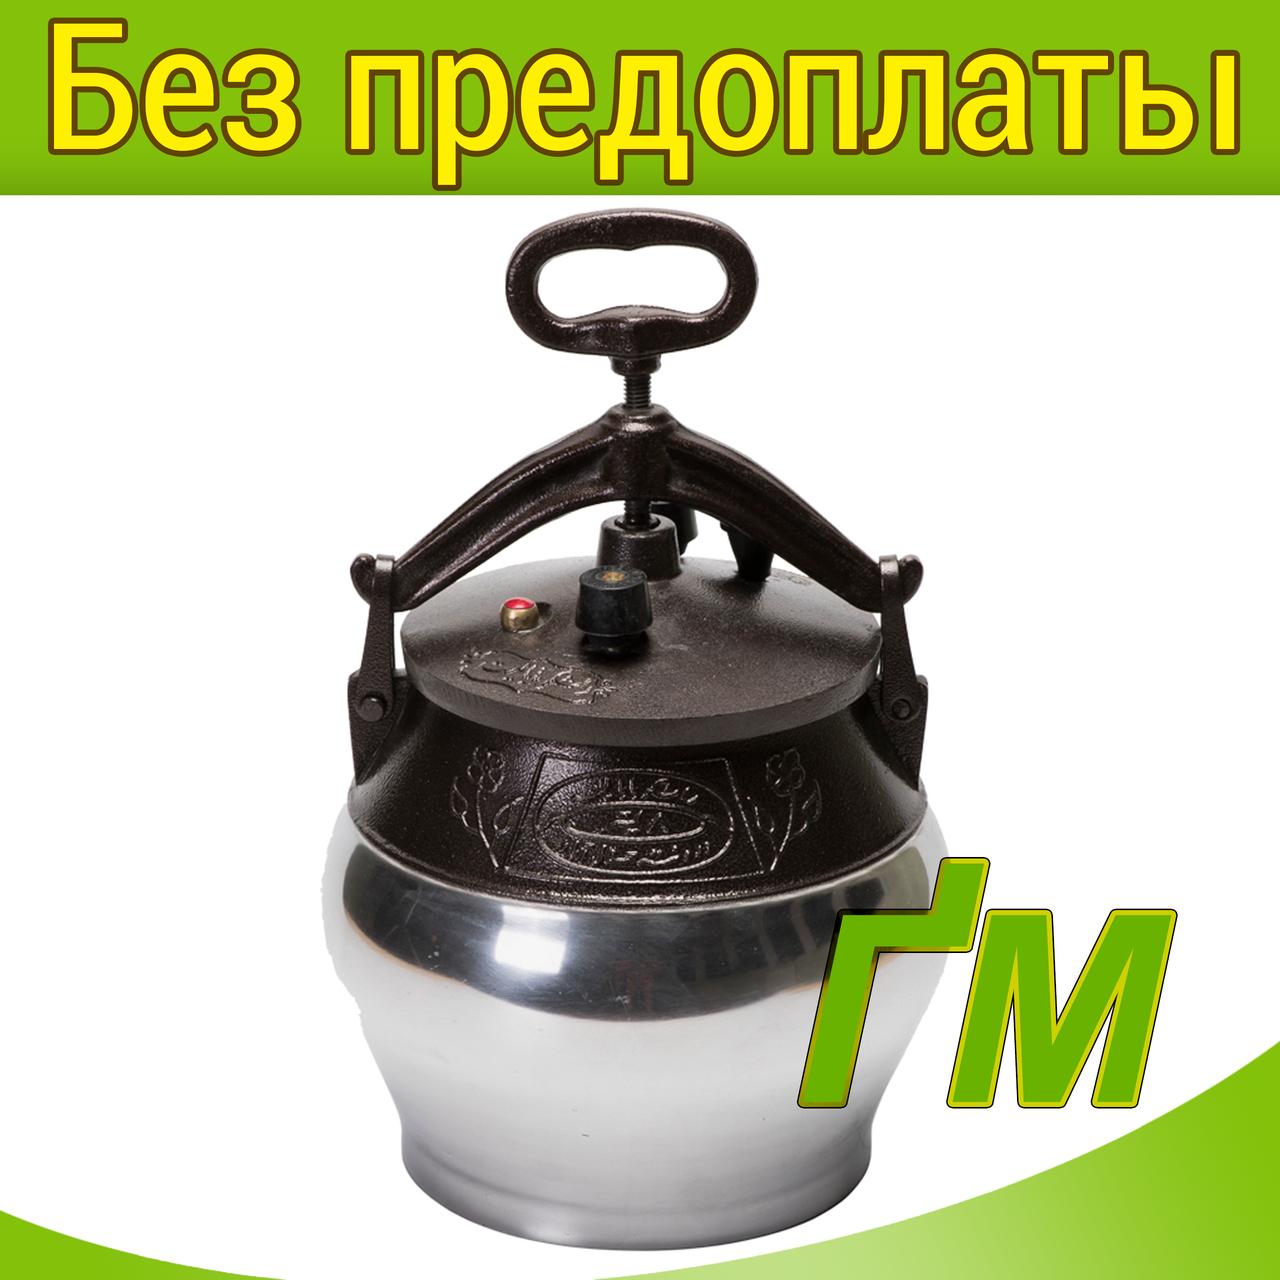 Казан полуполированный, 5 л.